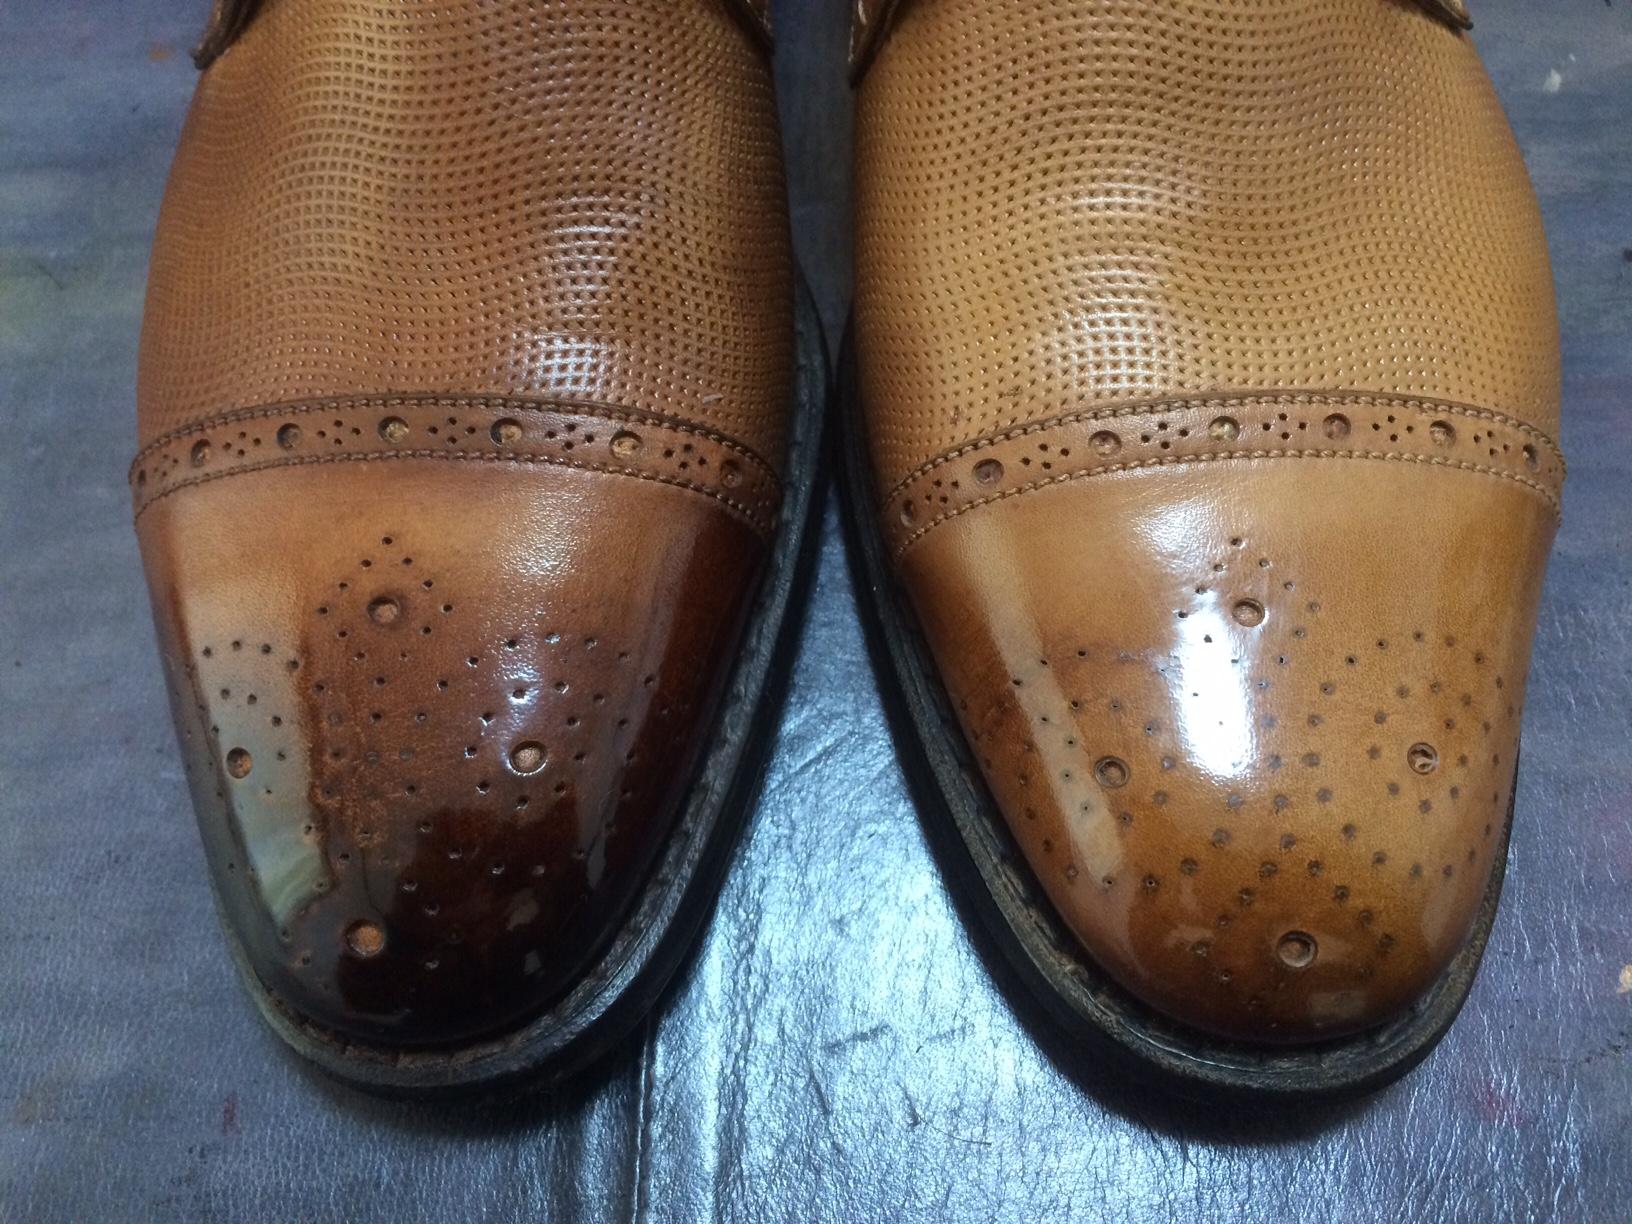 靴磨きワックス 落とし方